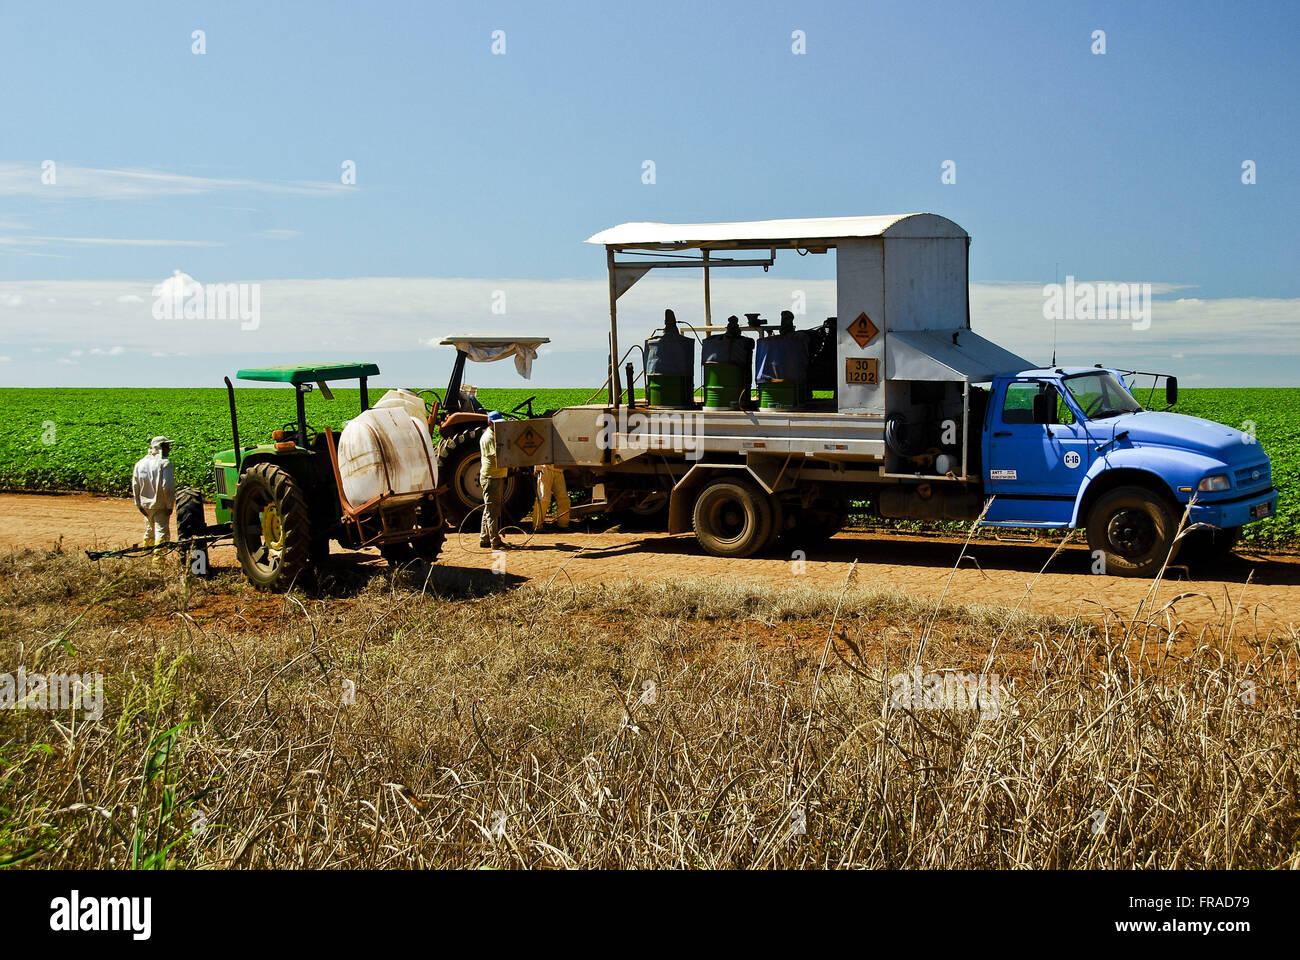 Macchine agricole per il raccolto di semi di soia in campagna Immagini Stock